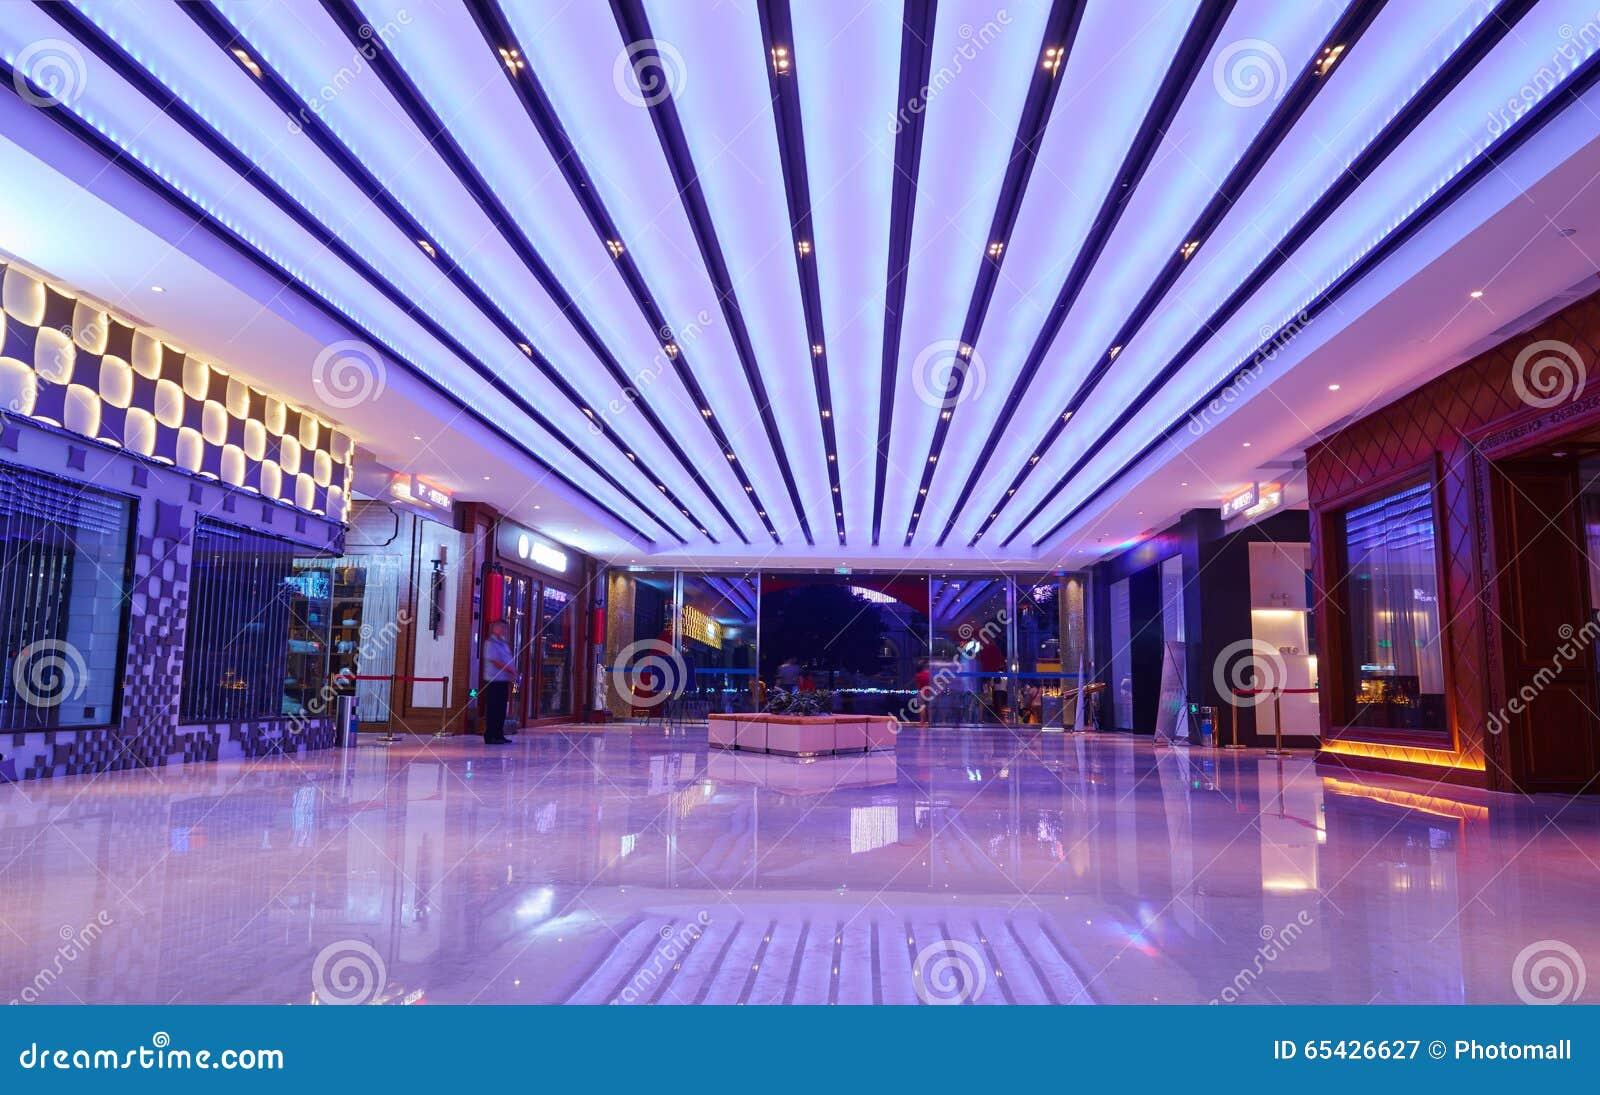 La alameda de compras llevó la iluminación del techo